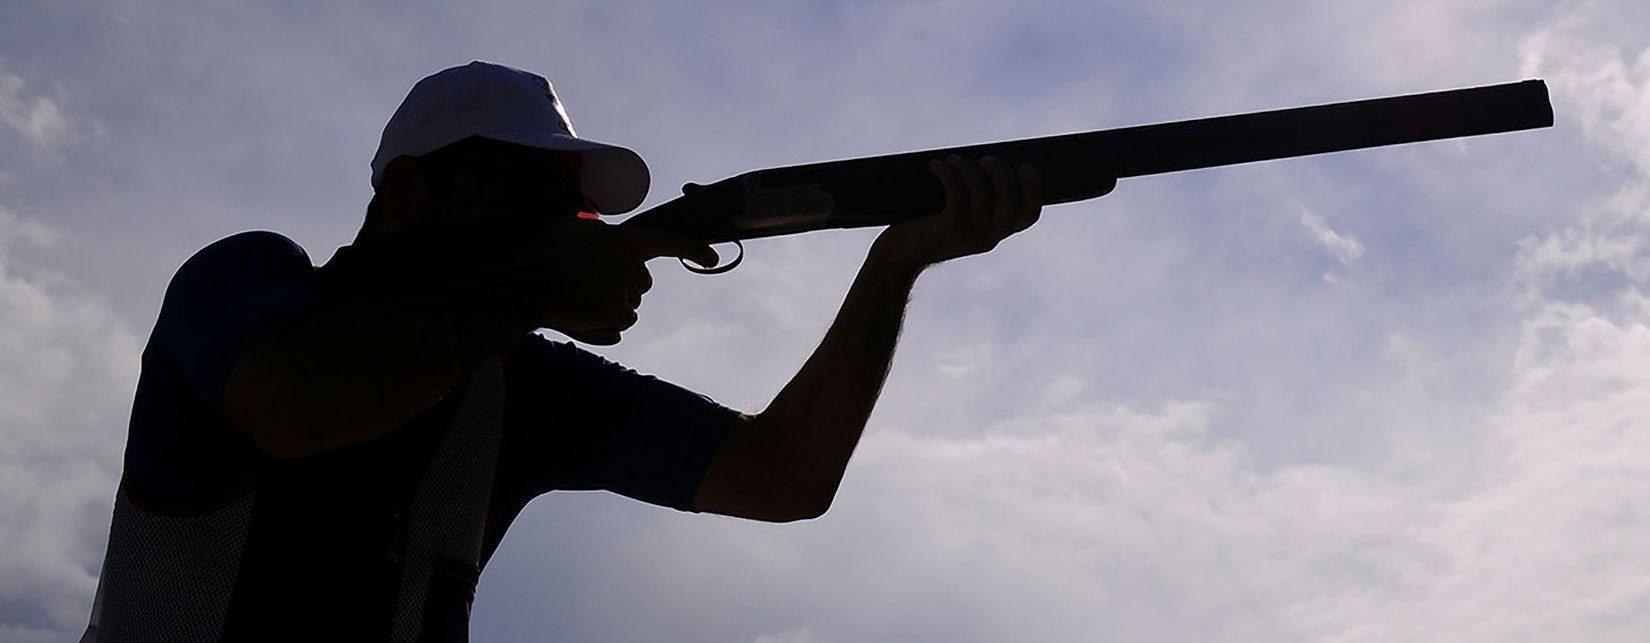 Shooting & Hunting